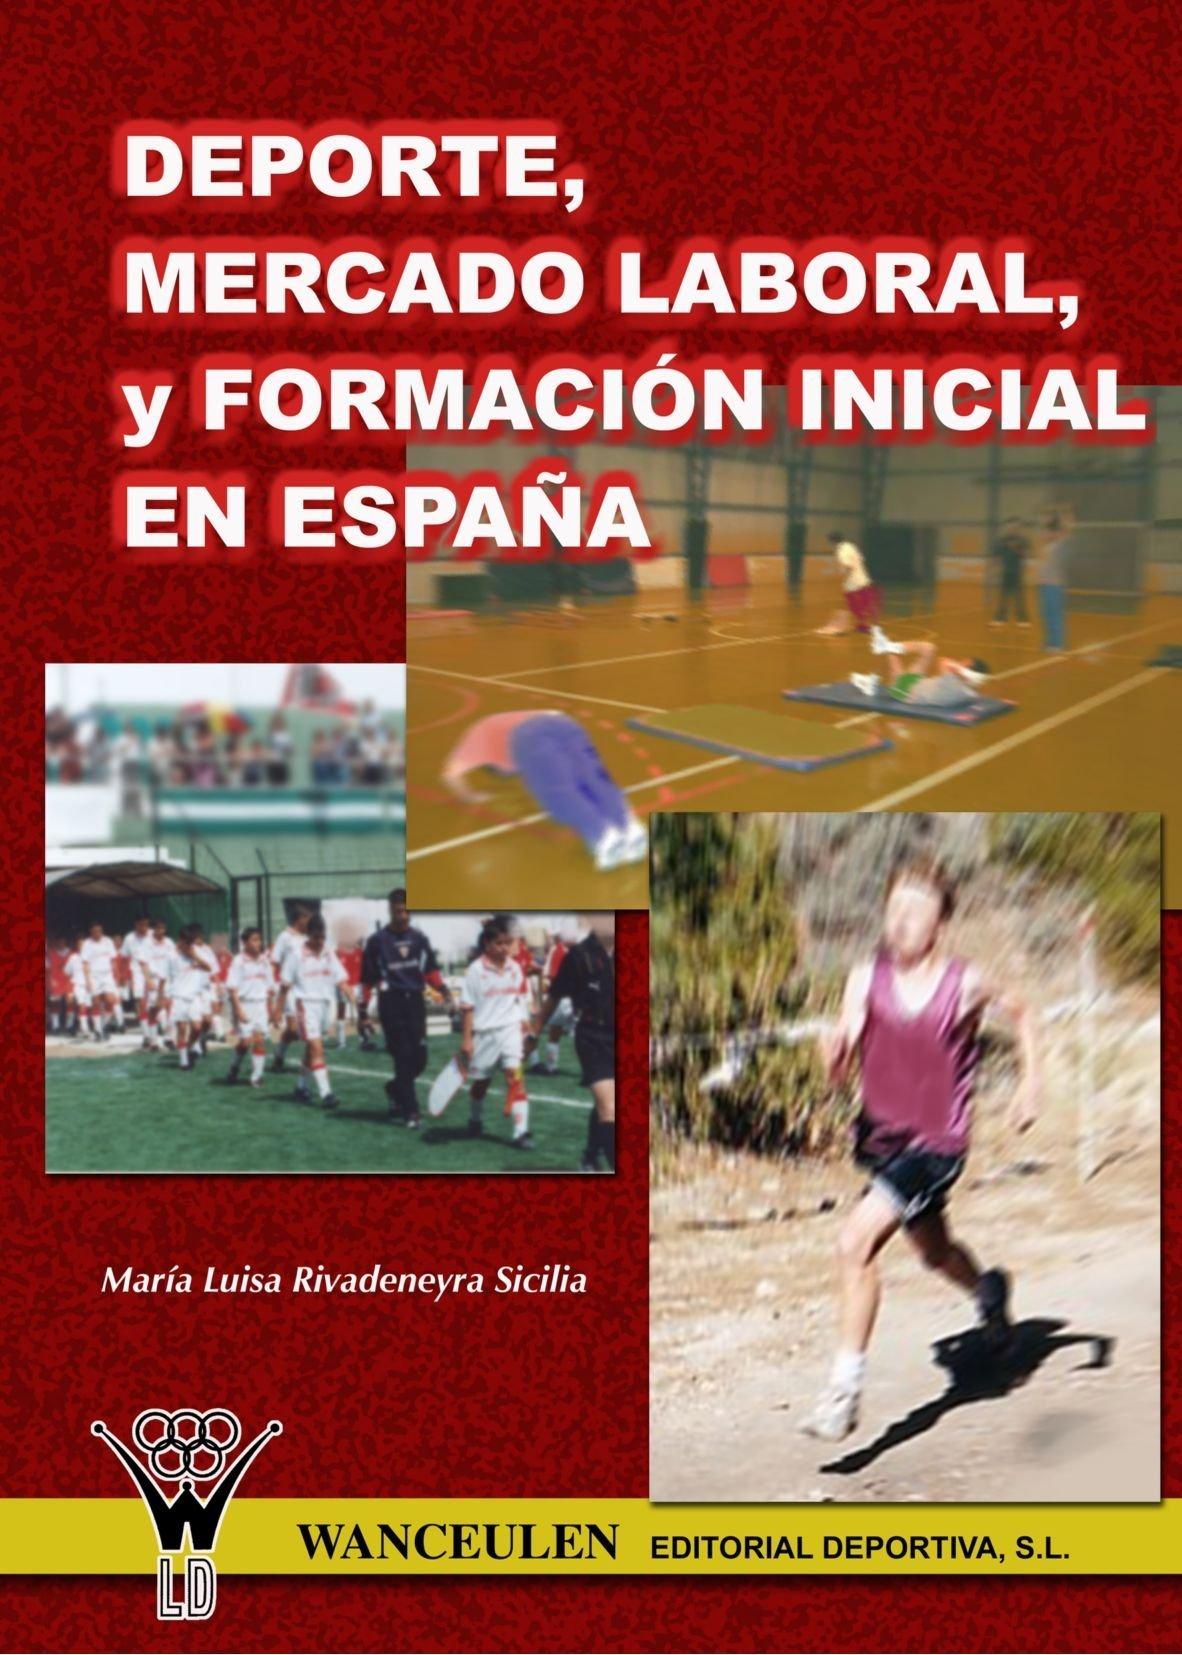 Deporte, Mercado Lanoral Y Formacion Inicial En España: Amazon.es: Rivadeneyra Sicilia, Maria Luisa: Libros